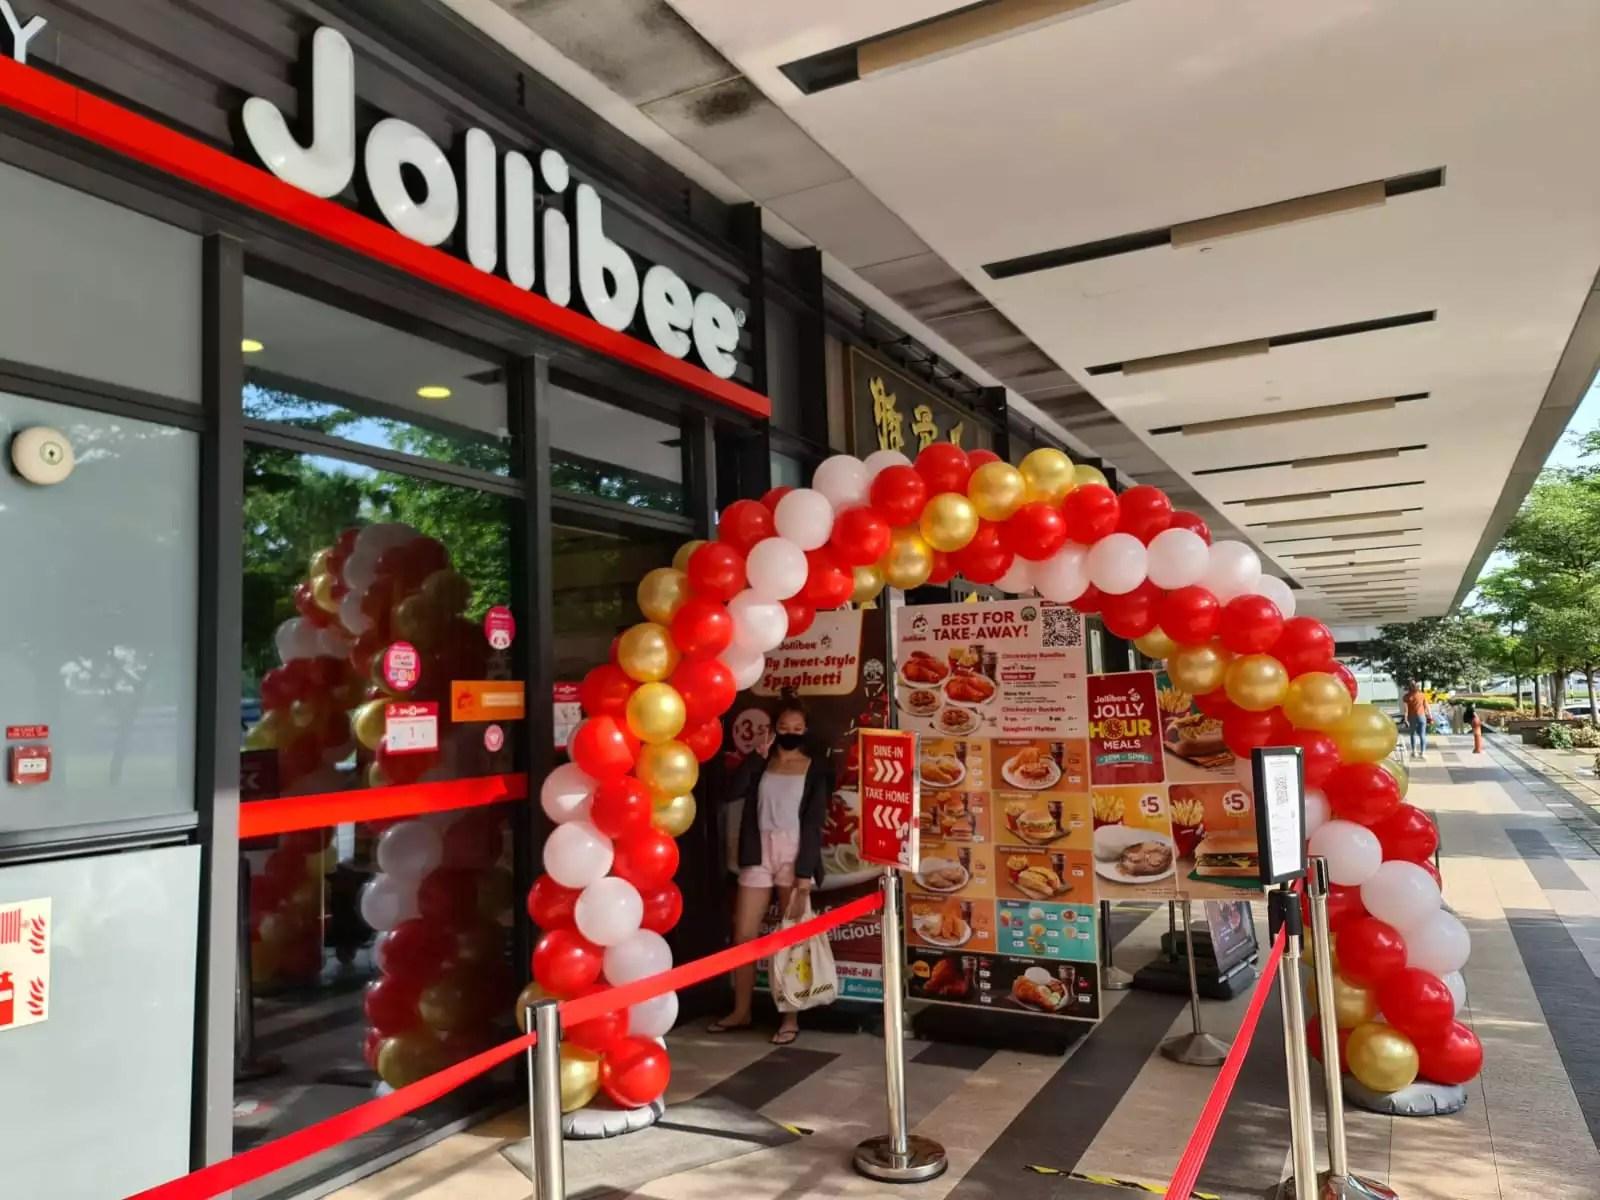 Jollibee Balloon Arch Decoration Promotion